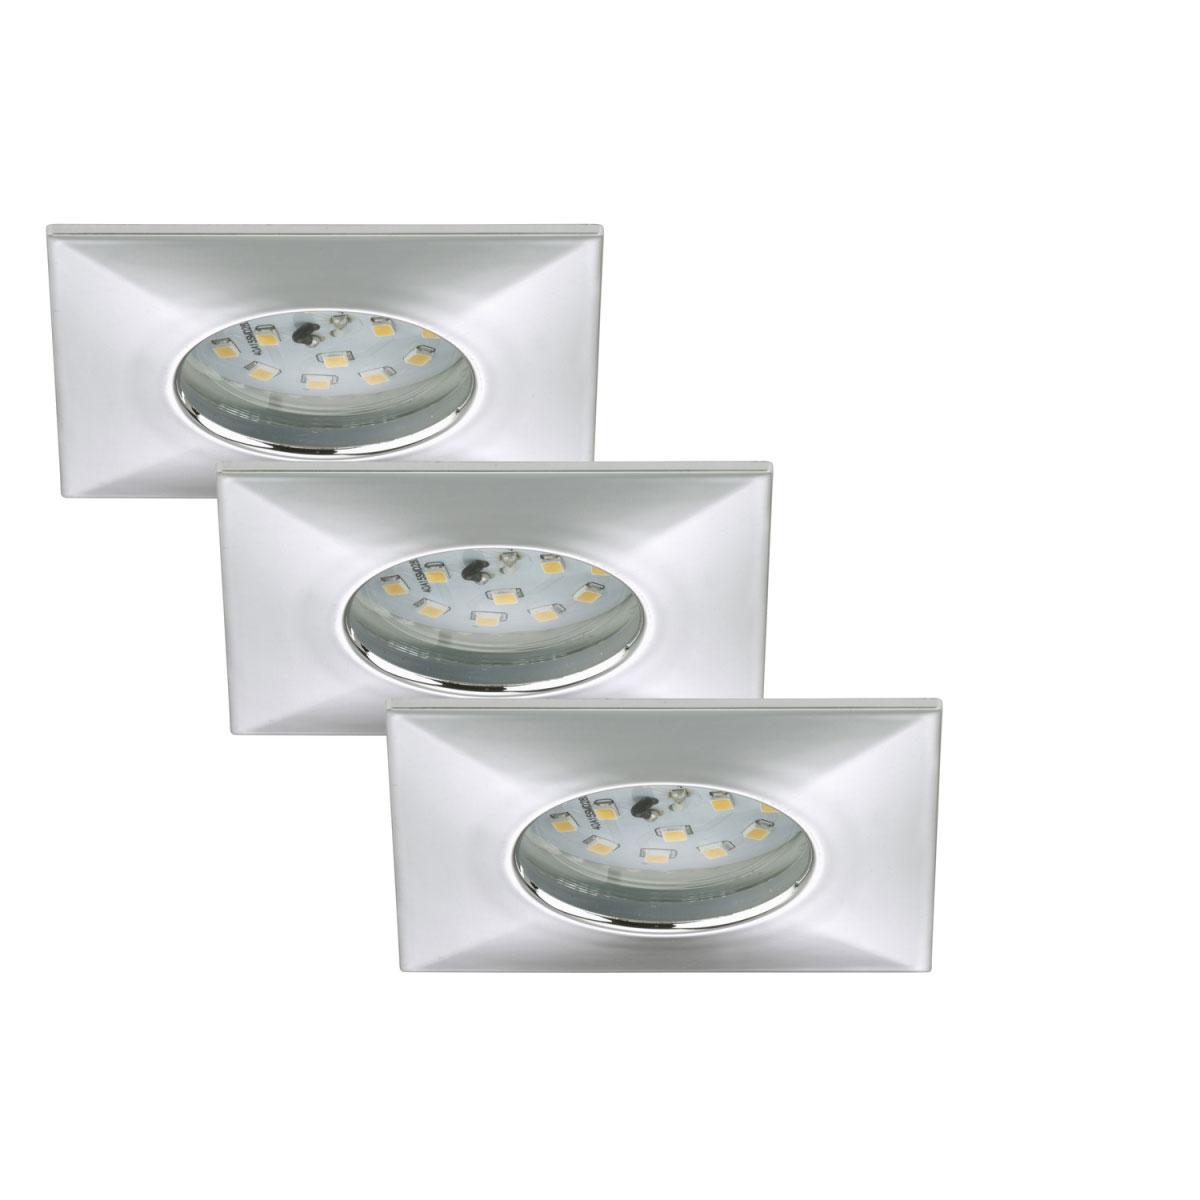 Deckenleuchten - LED Einbauleuchte 3er Set, chrom, eckig  - Onlineshop Hellweg